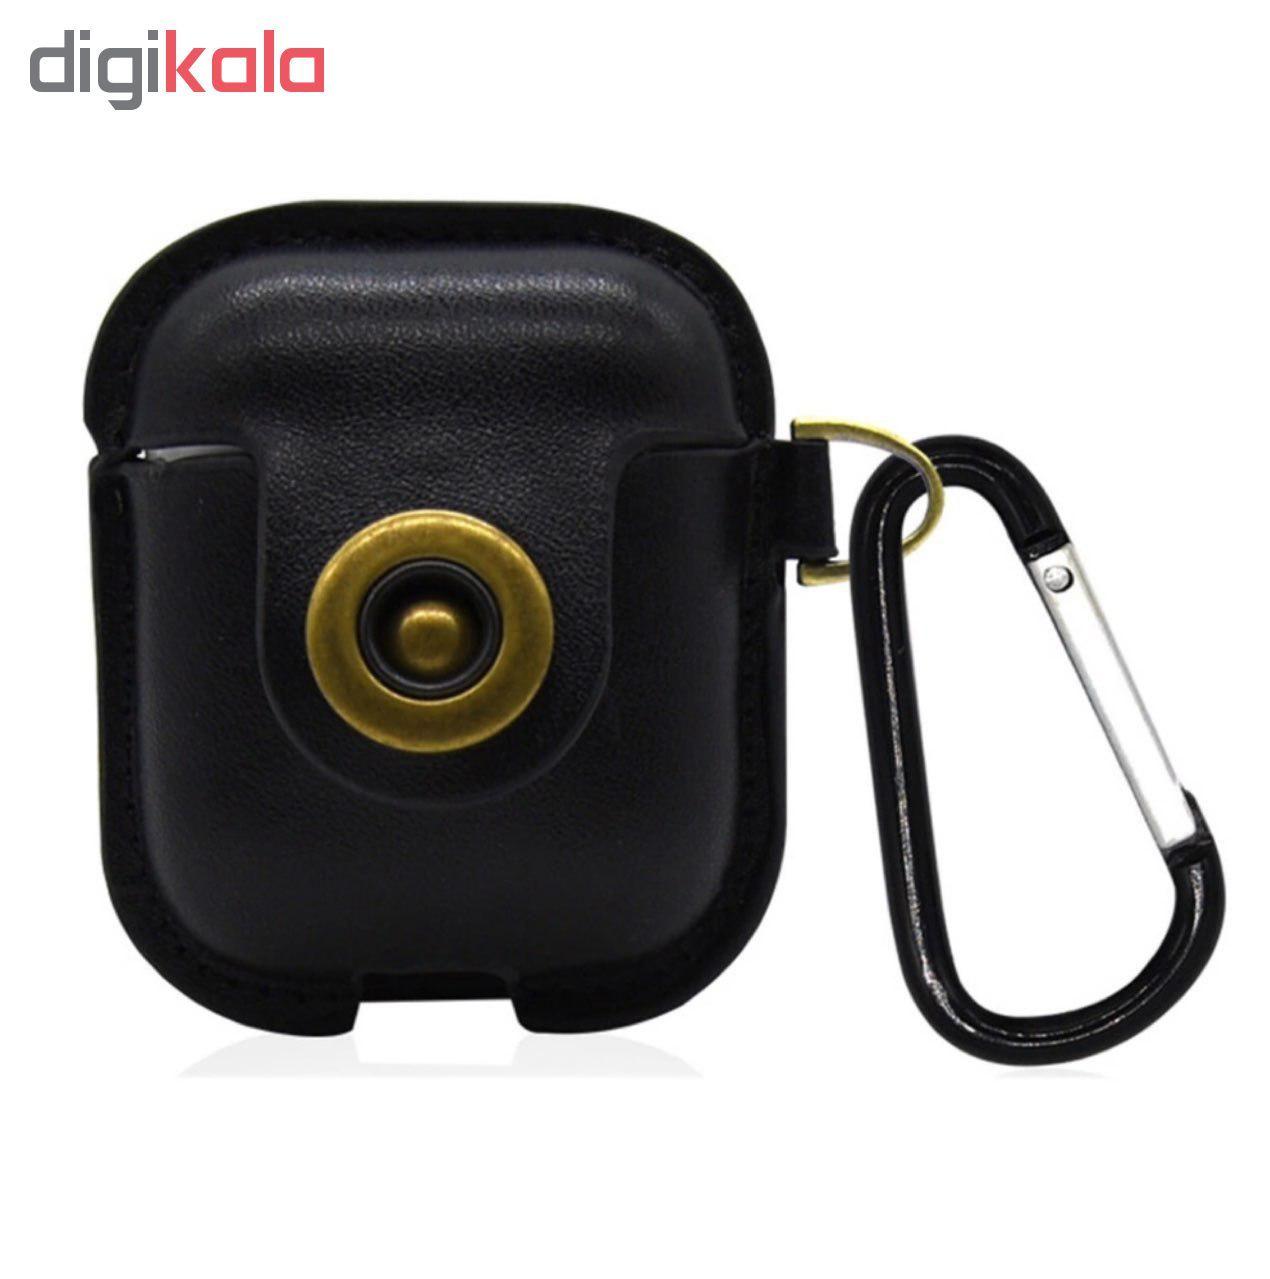 کاور محافظ مدل Button مناسب برای کیس ایرپاد main 1 2